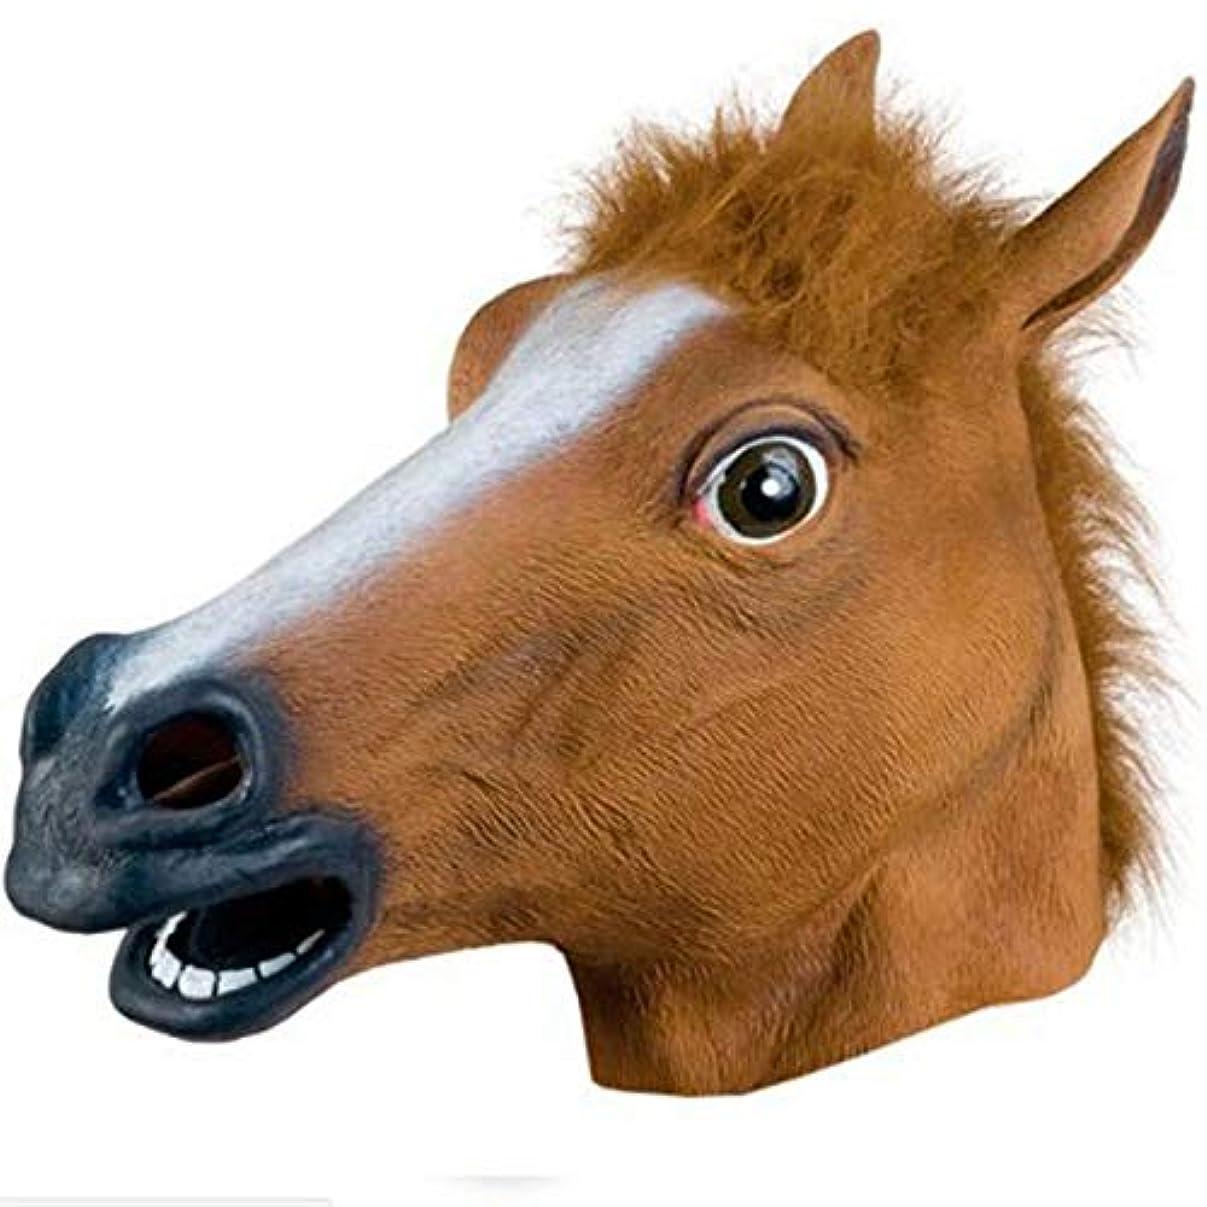 姓シャンプー害馬の頭の仮面舞踏会おかしい面白いハロウィーンの馬の頭のマスクのかつら,ブラウン